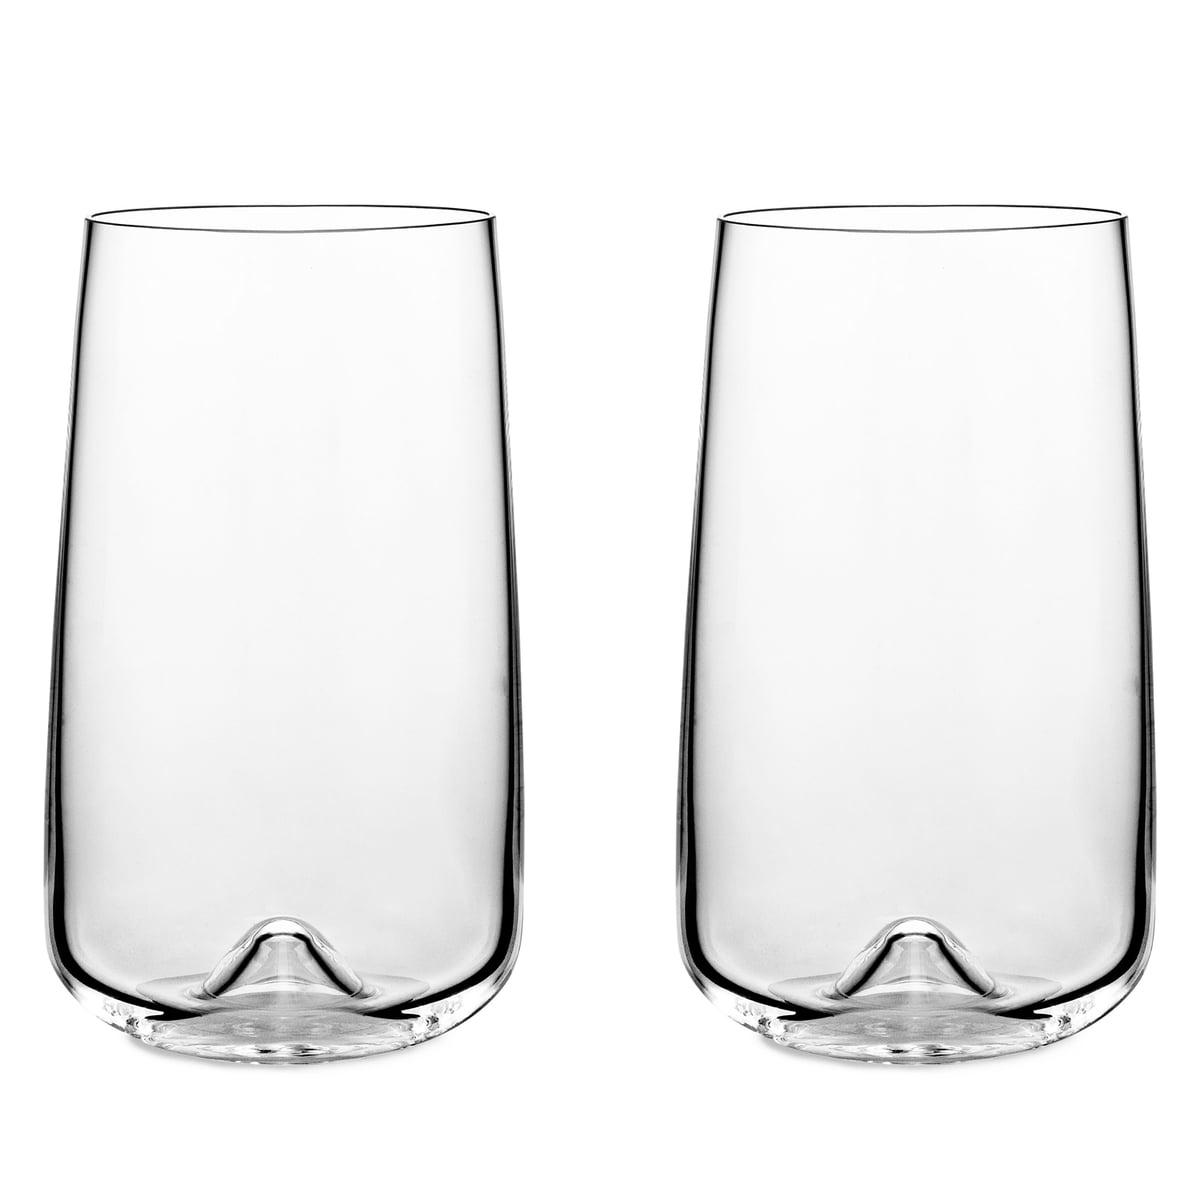 Normann Copenhagen - Longdrink-Gläser, 2er-Set | Küche und Esszimmer > Besteck und Geschirr > Gläser | Transparent | Glas | Normann Copenhagen